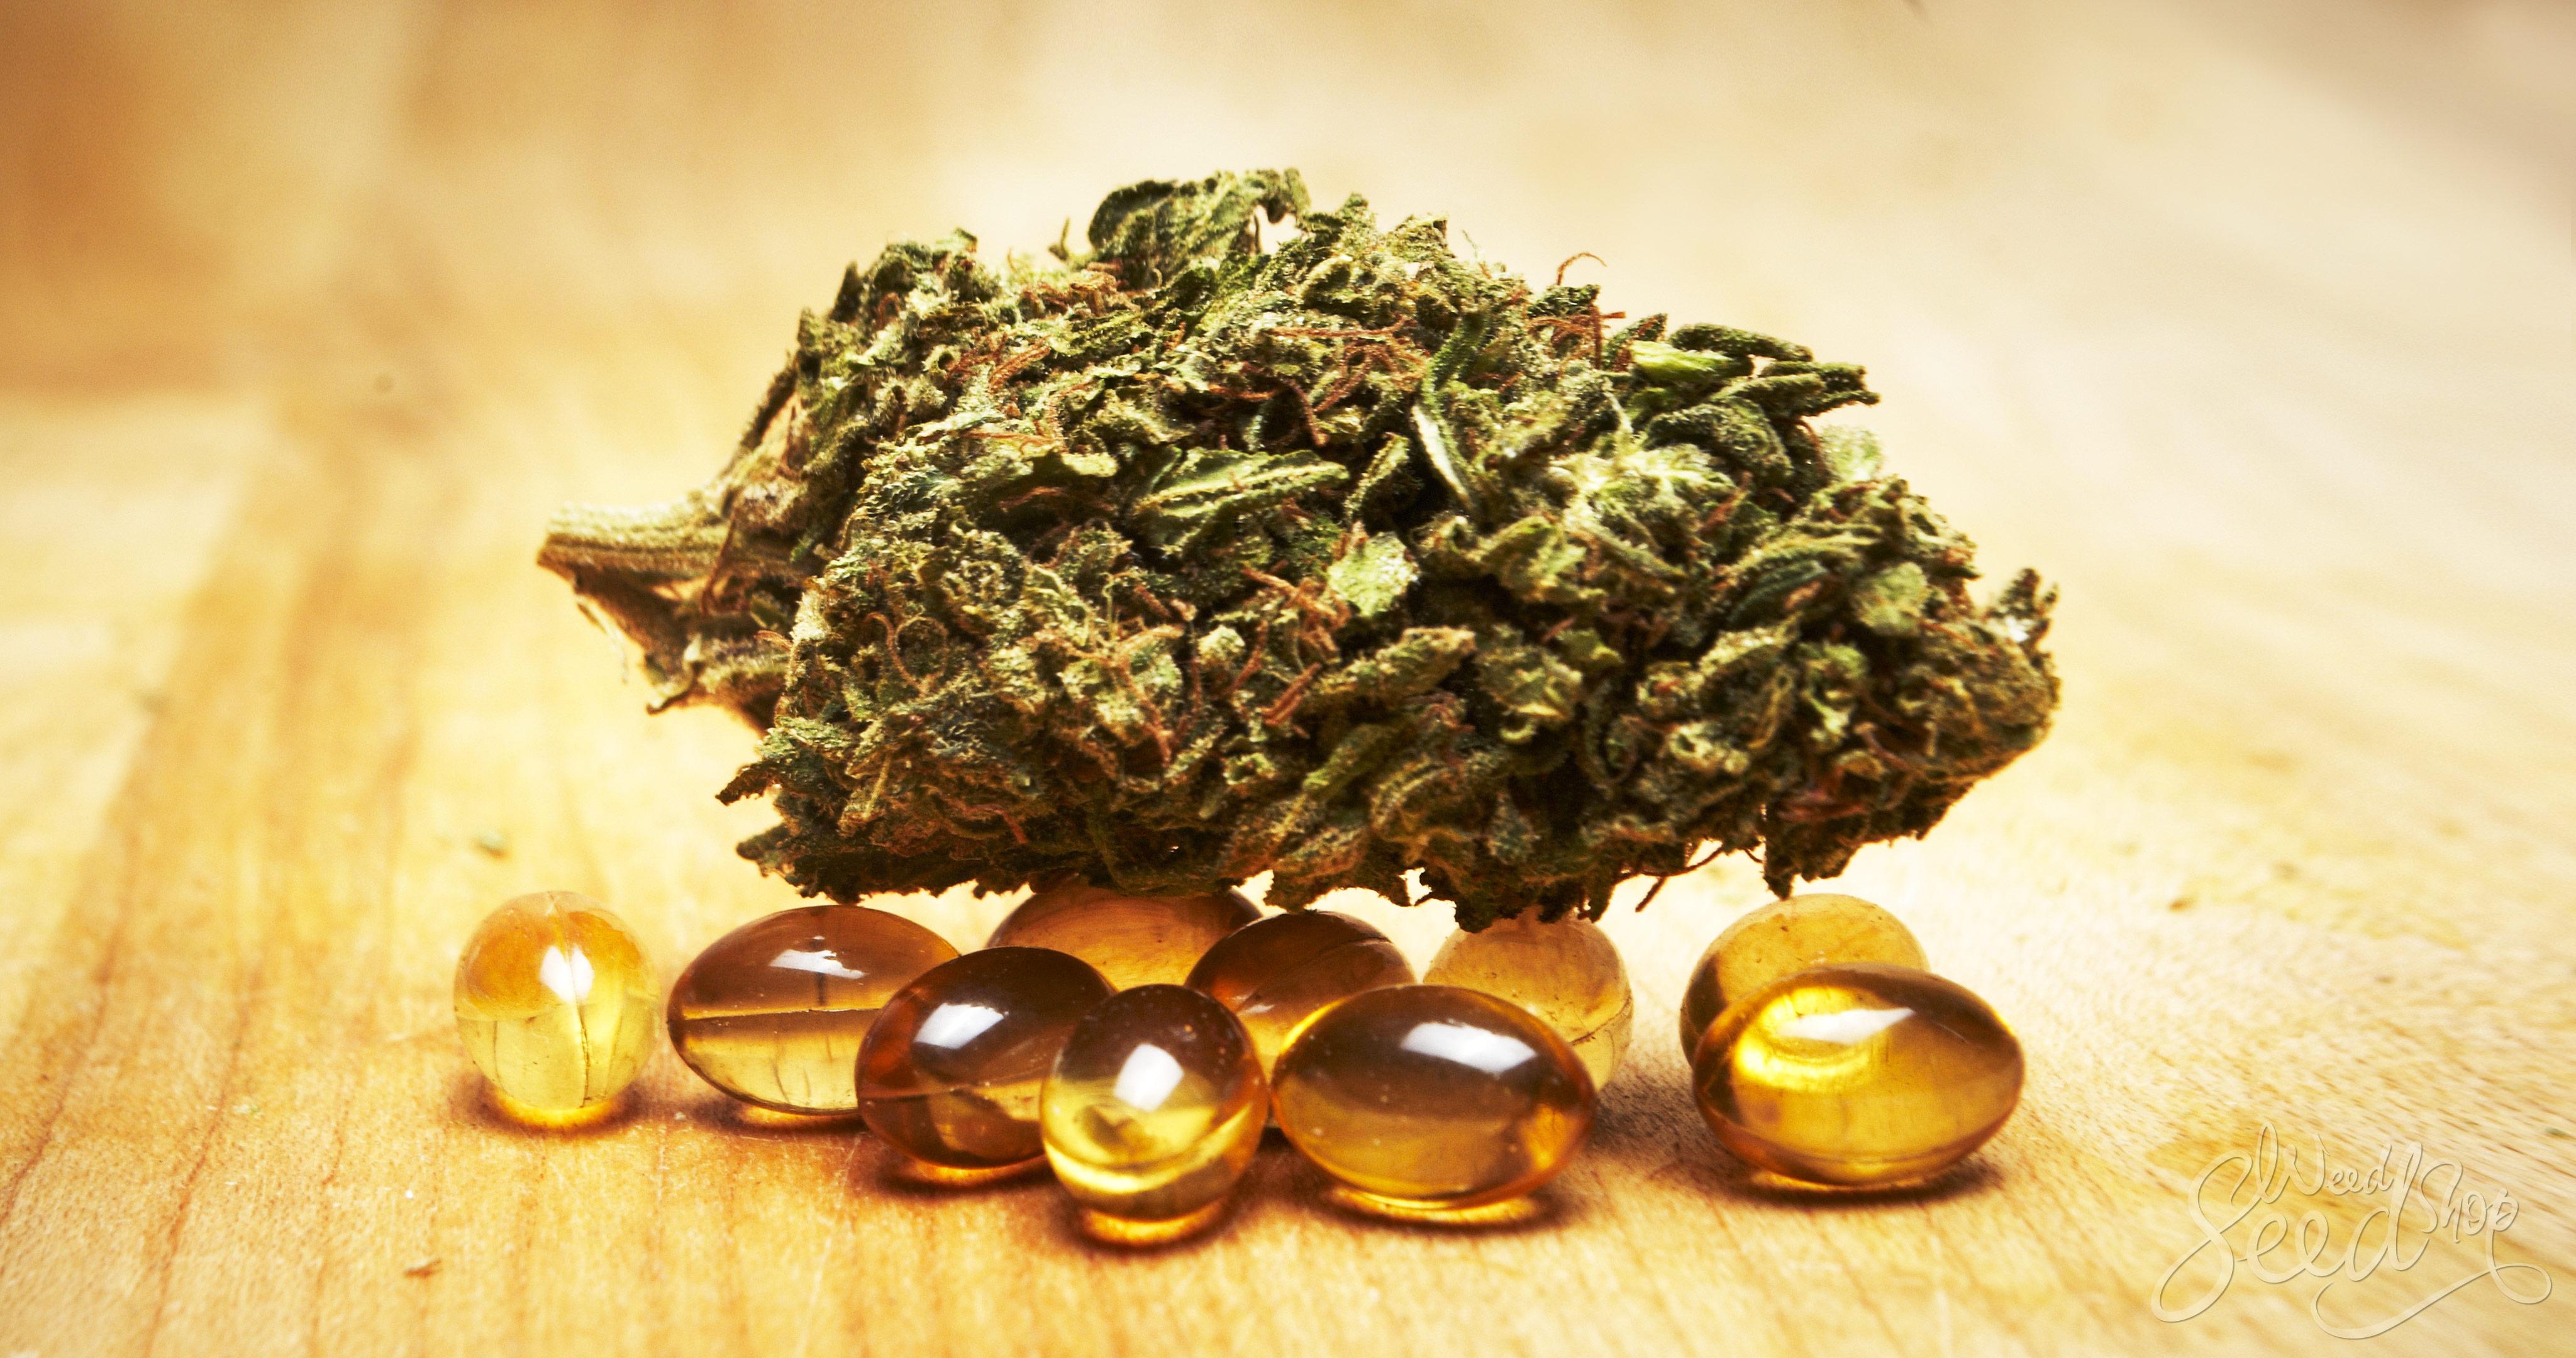 Comment faire tes propres capsules de cannabis